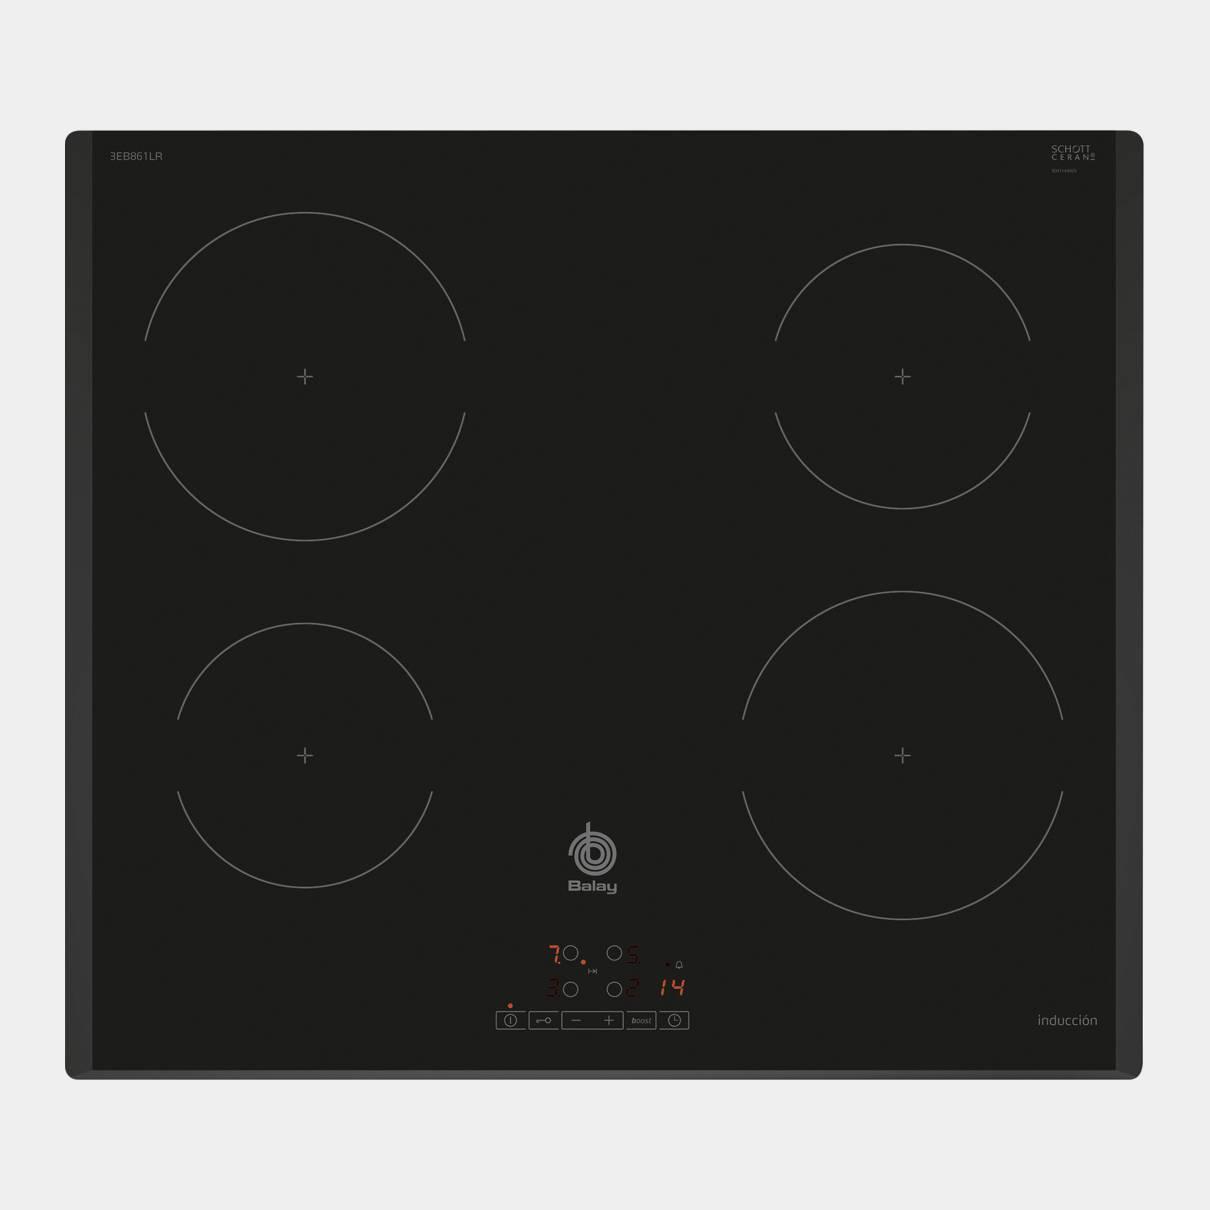 Placa de inducci n balay 3eb861lr de 4 fuegos - Cocinas de induccion balay ...